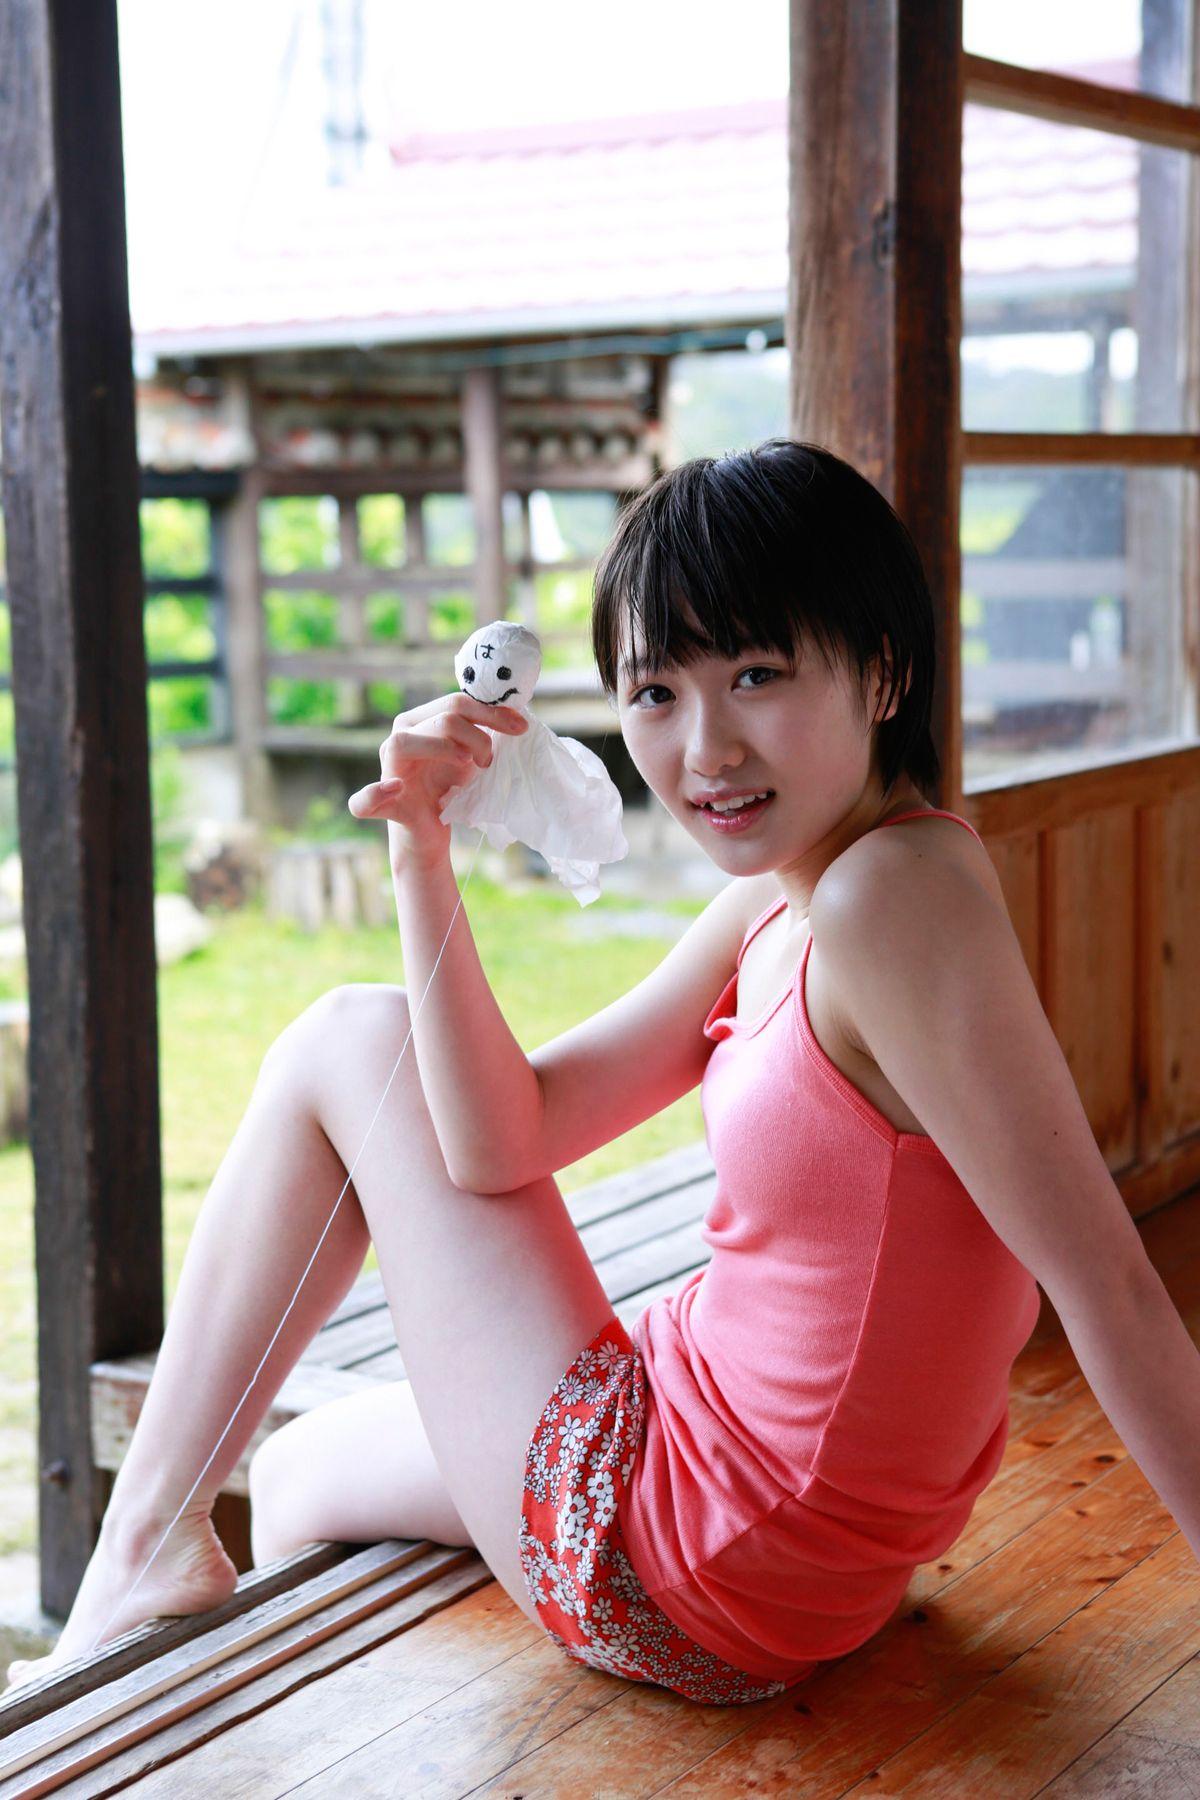 [Hello! Project Digital Books]No.136 Haruka Kudo 工藤遥 vol.3[26P] Hello! Project 第3张